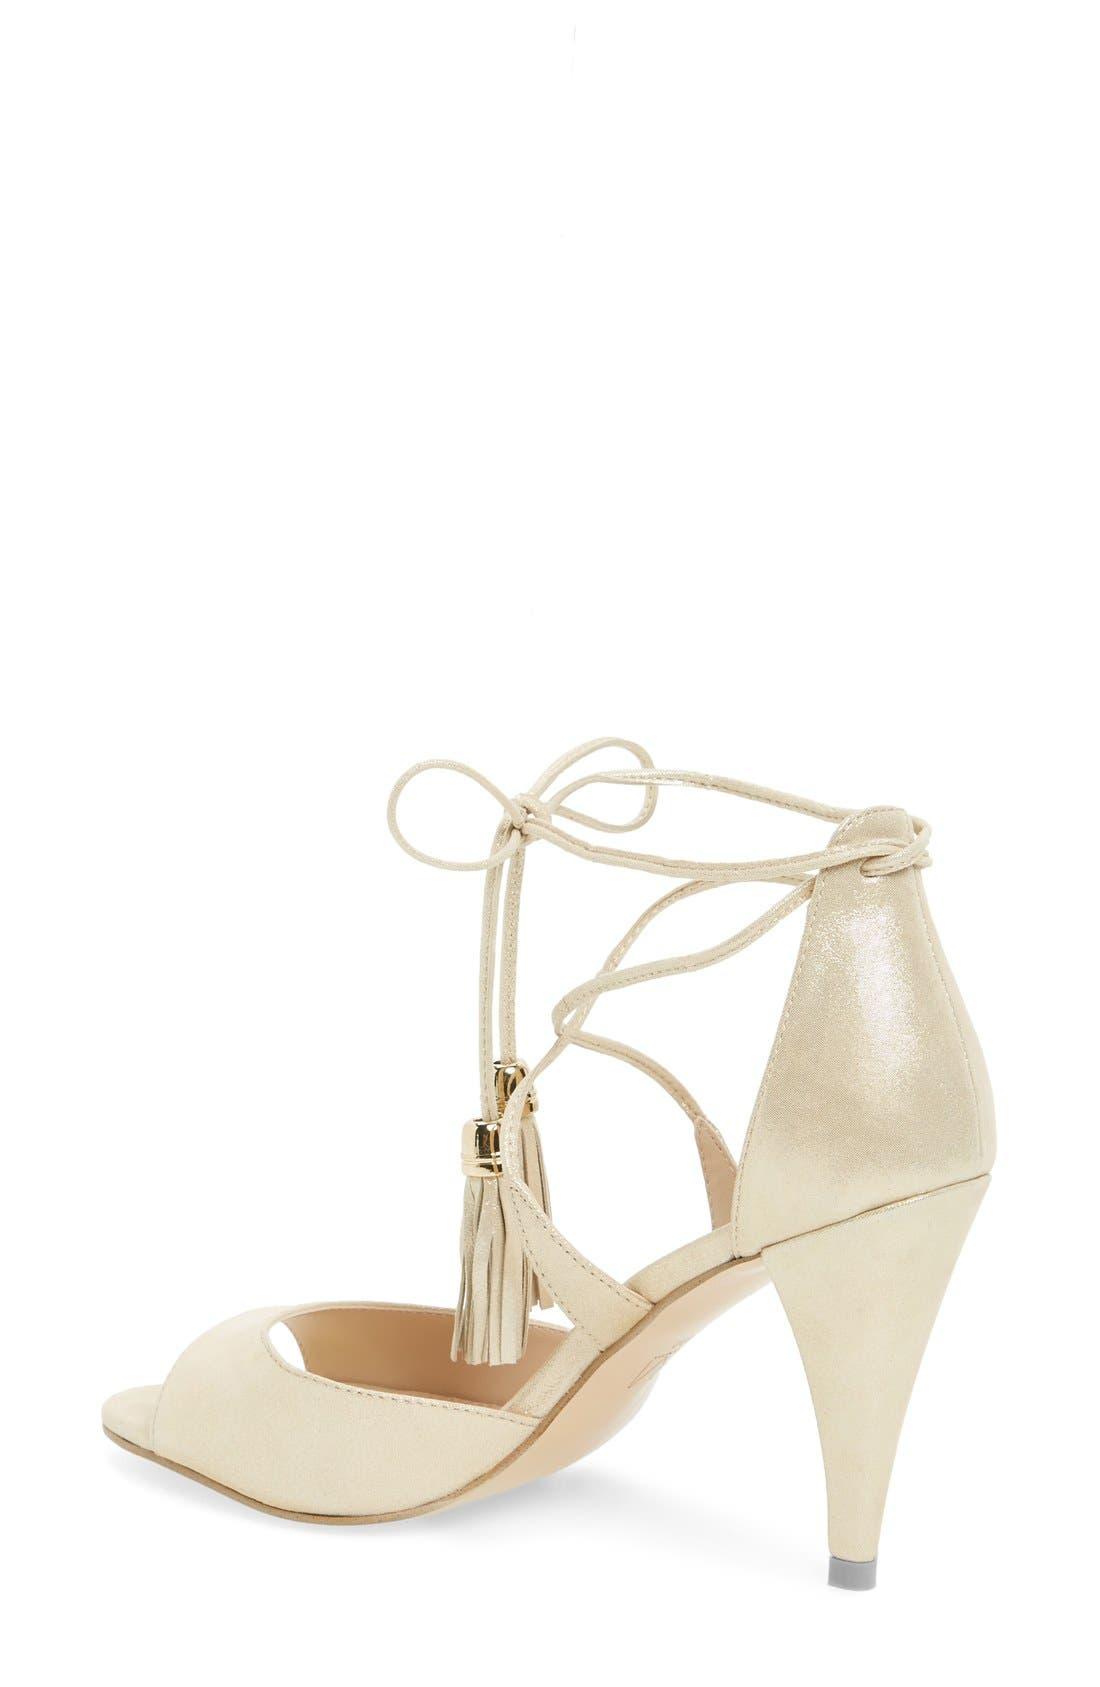 Alternate Image 2  - Pelle Moda 'Ruel' Tasseled Sandal (Women)